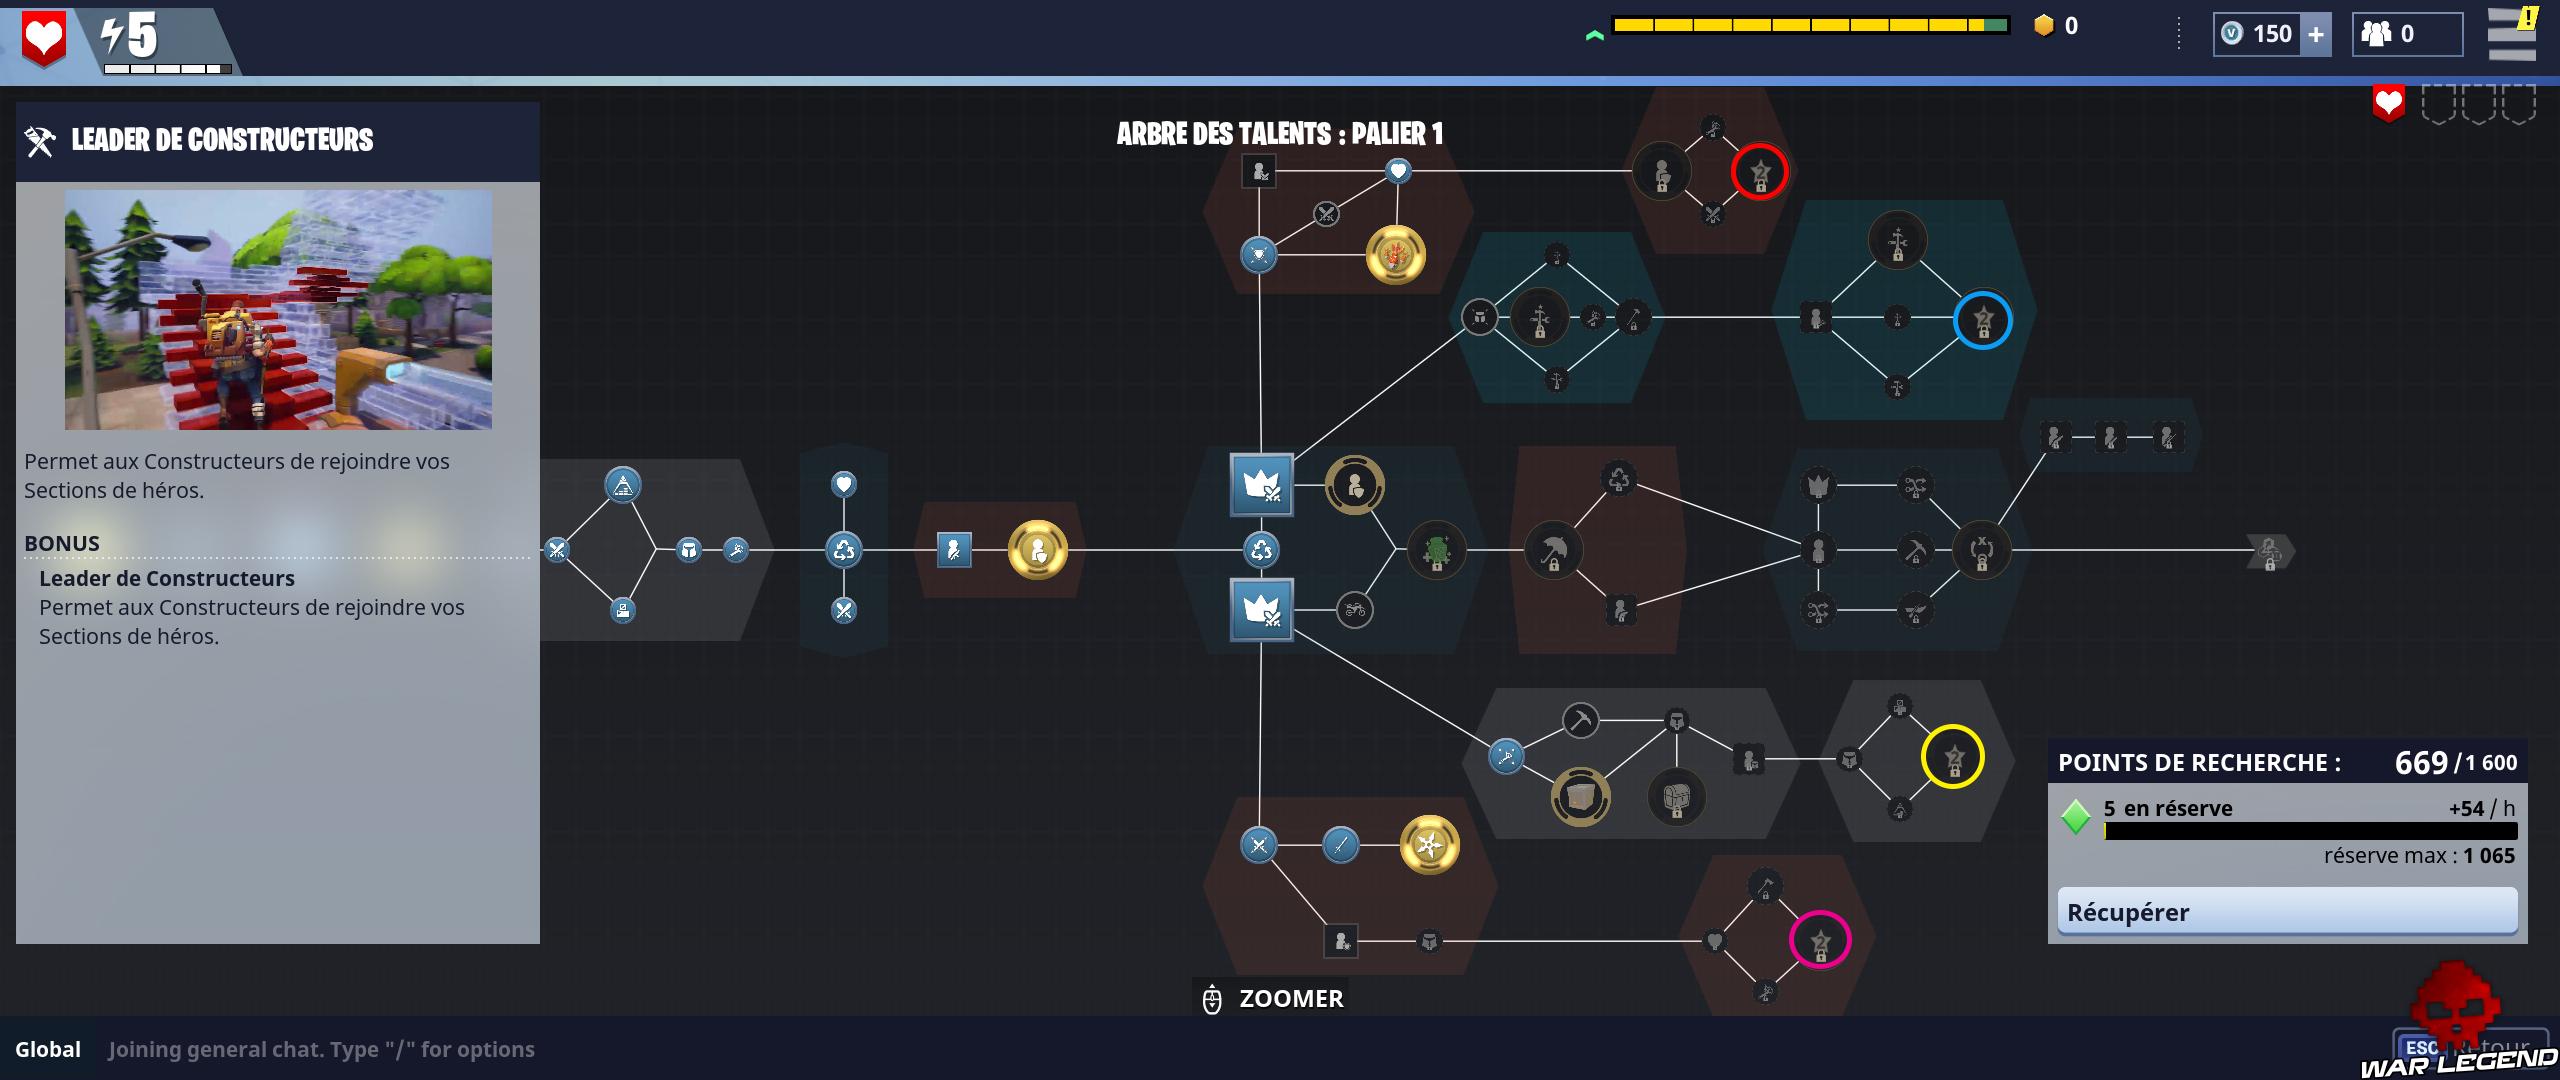 Guide Fortnite - Débloquer toutes les classes arbres des talents